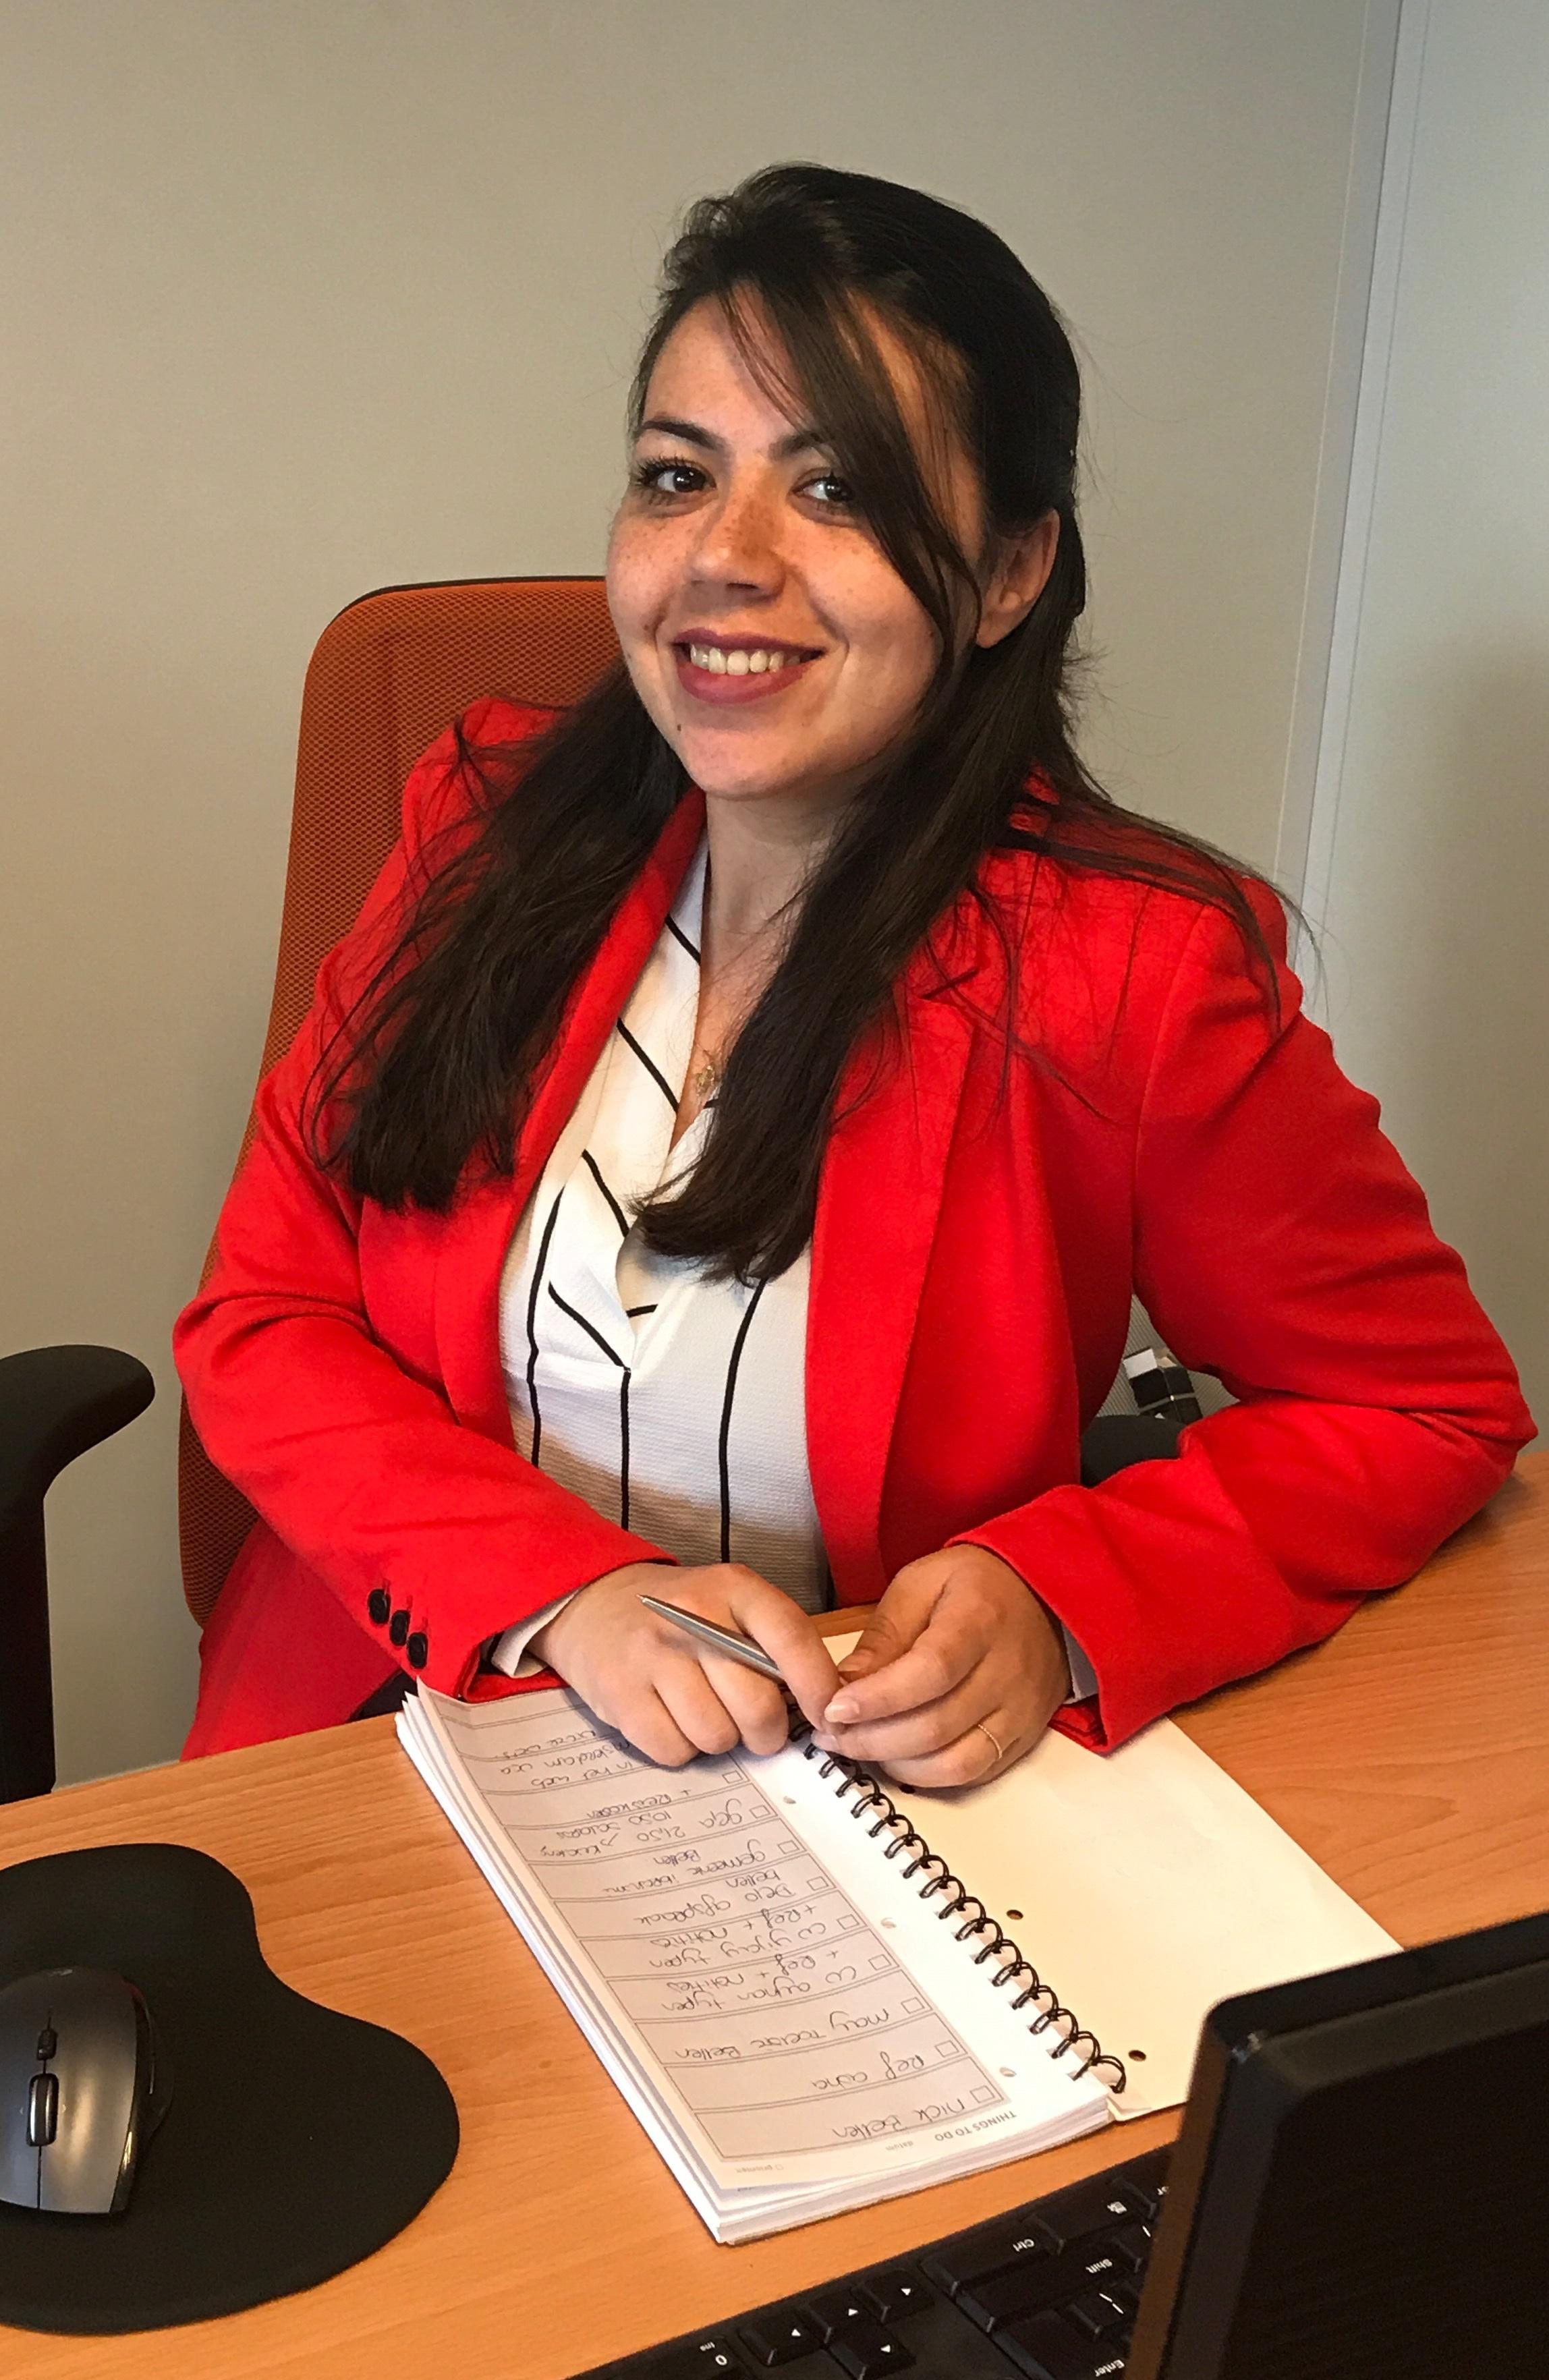 Miriame Ababou